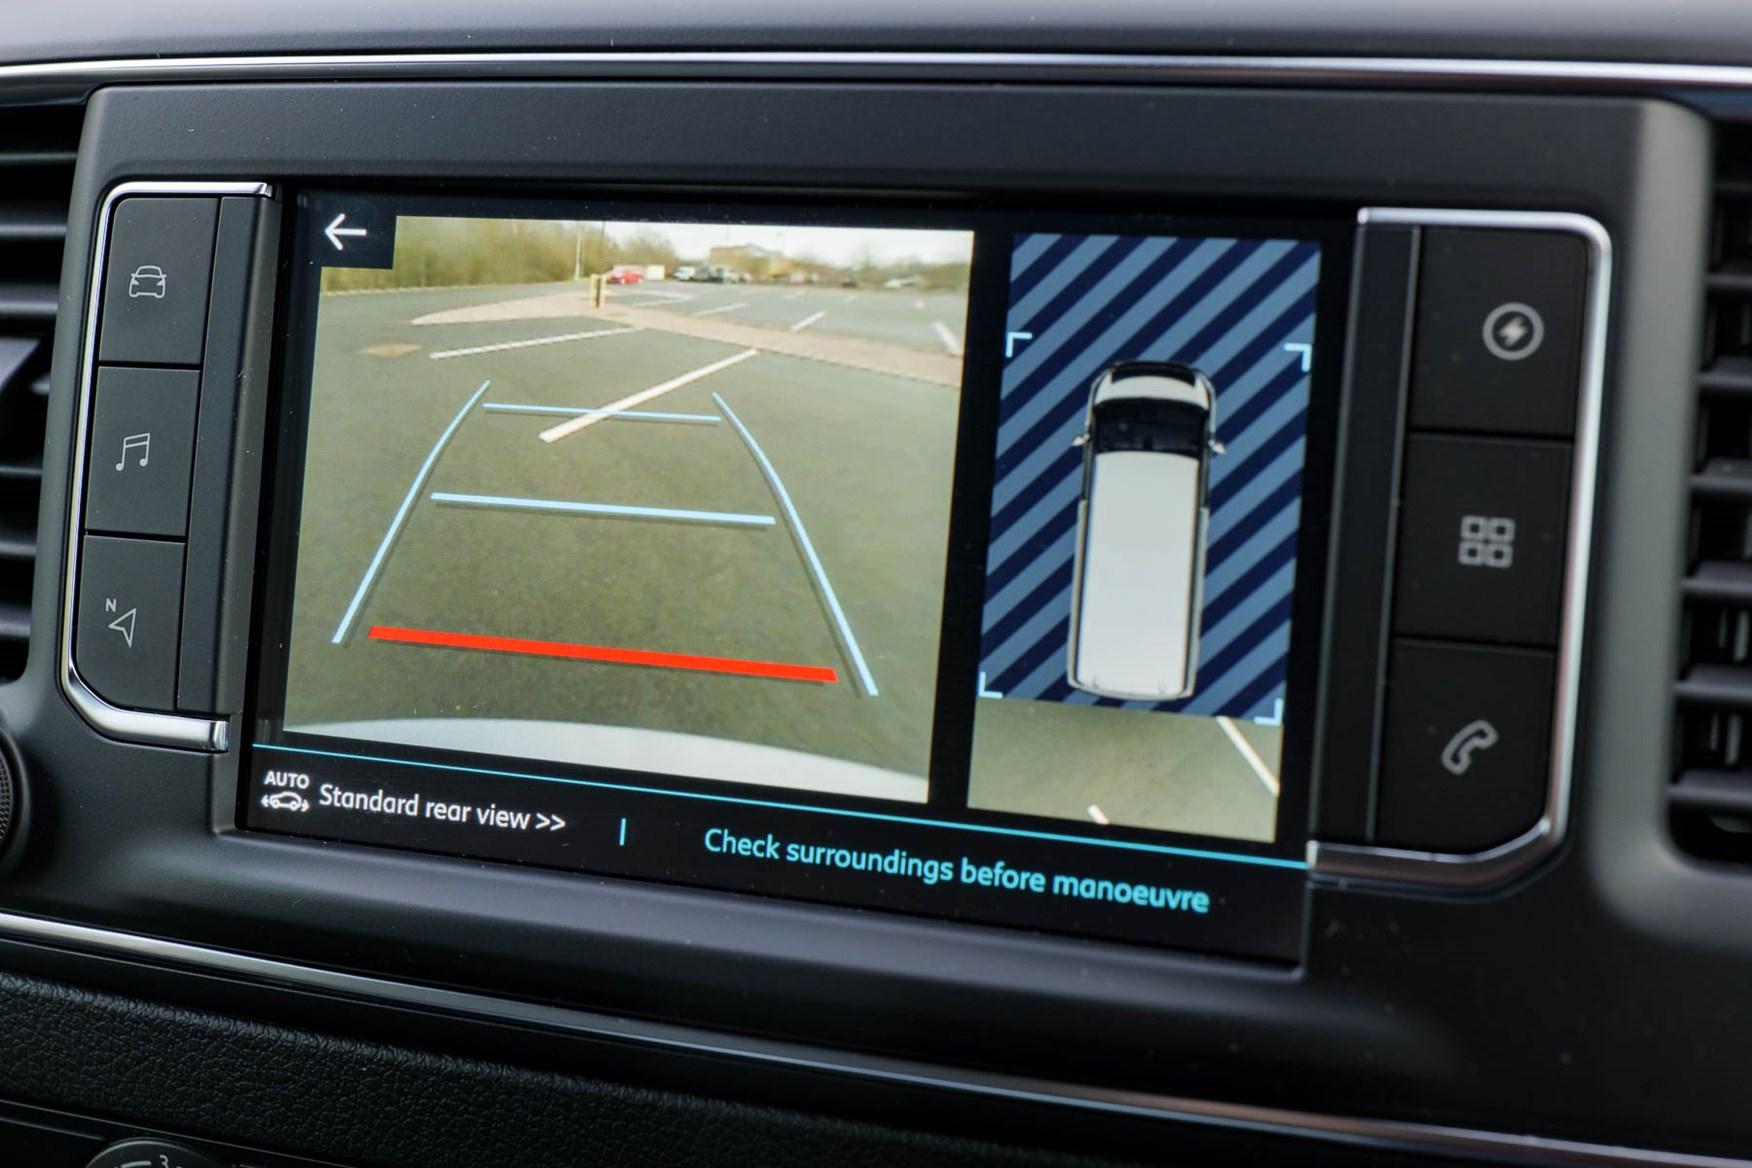 2021 Peugeot e-Expert infotainment